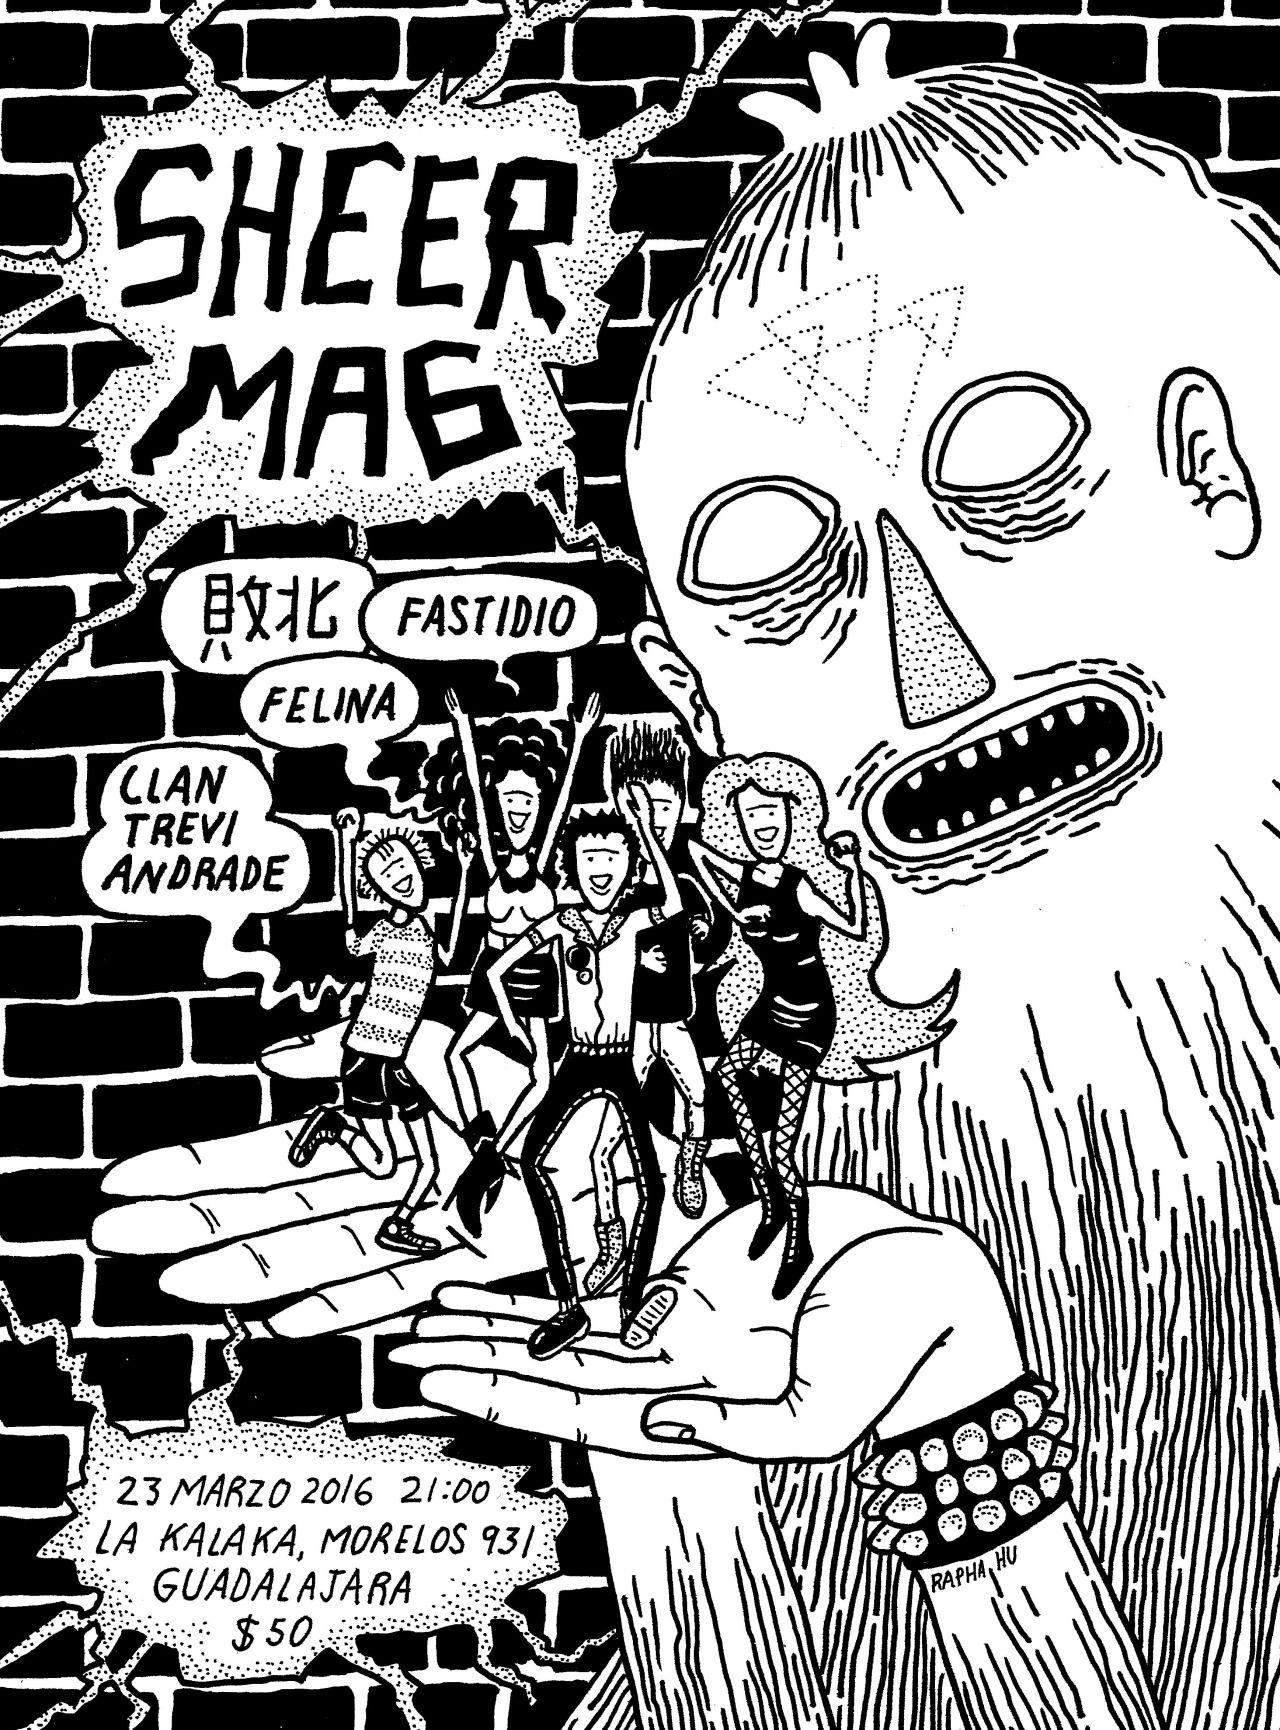 Cartel para el concierto de Sheer Mag en Guadalajara